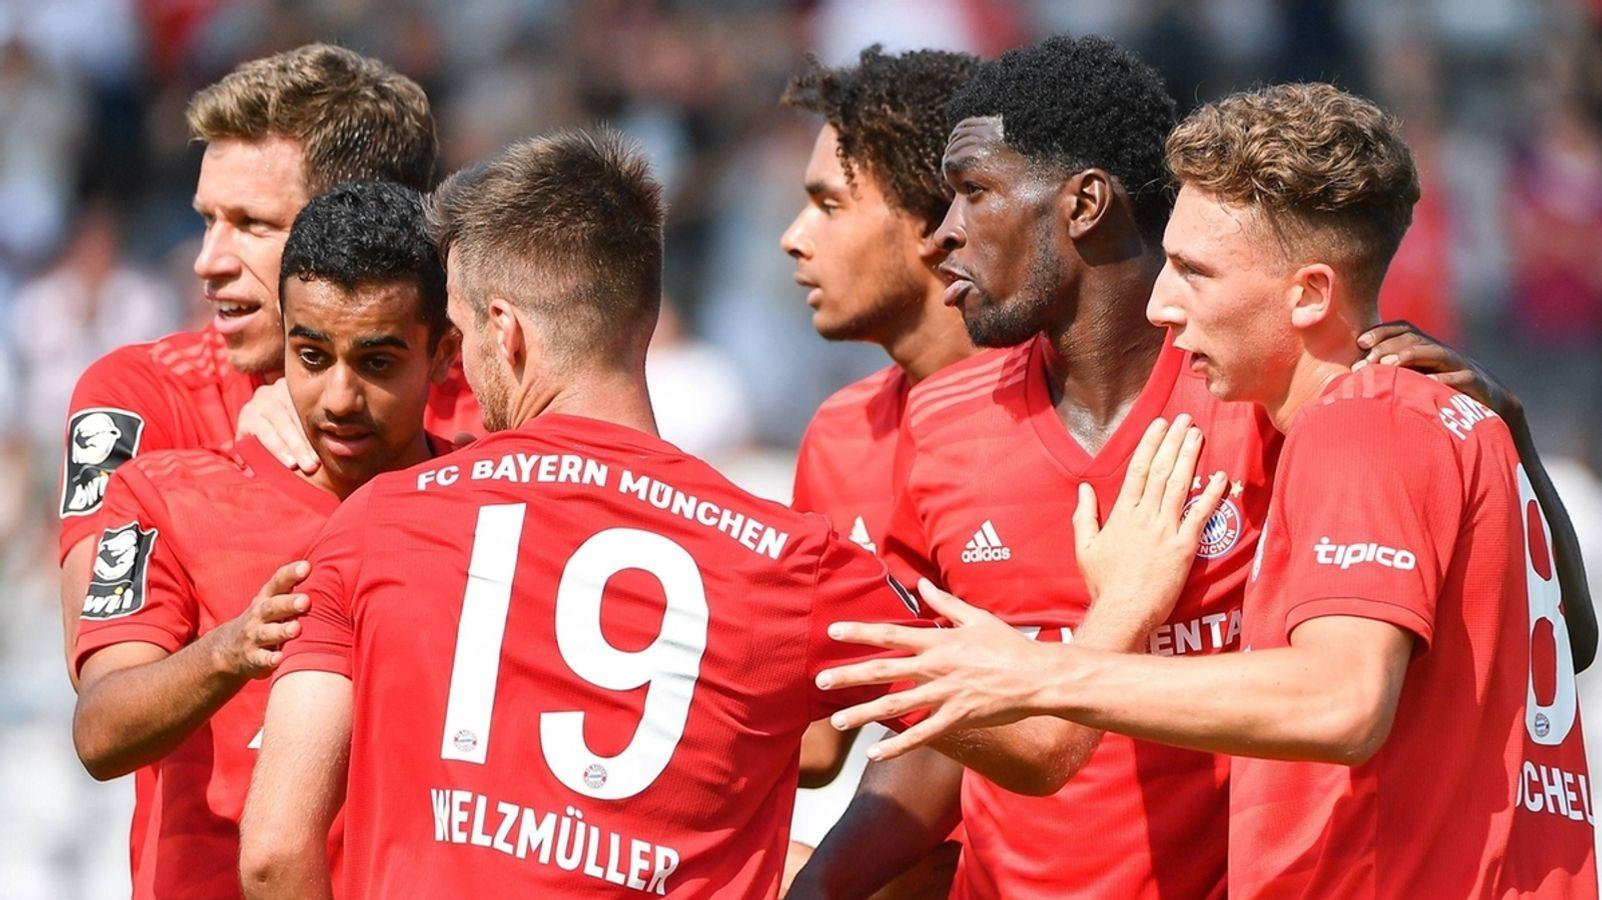 Die Reserve des FC Bayern und der Chemnitzer FC trennten sich am 6. Spieltag mit einem 2:2 Unentschieden. Mit Blick auf die Verteilung der wirklich guten Tormöglichkeiten ging die Punkteteilung